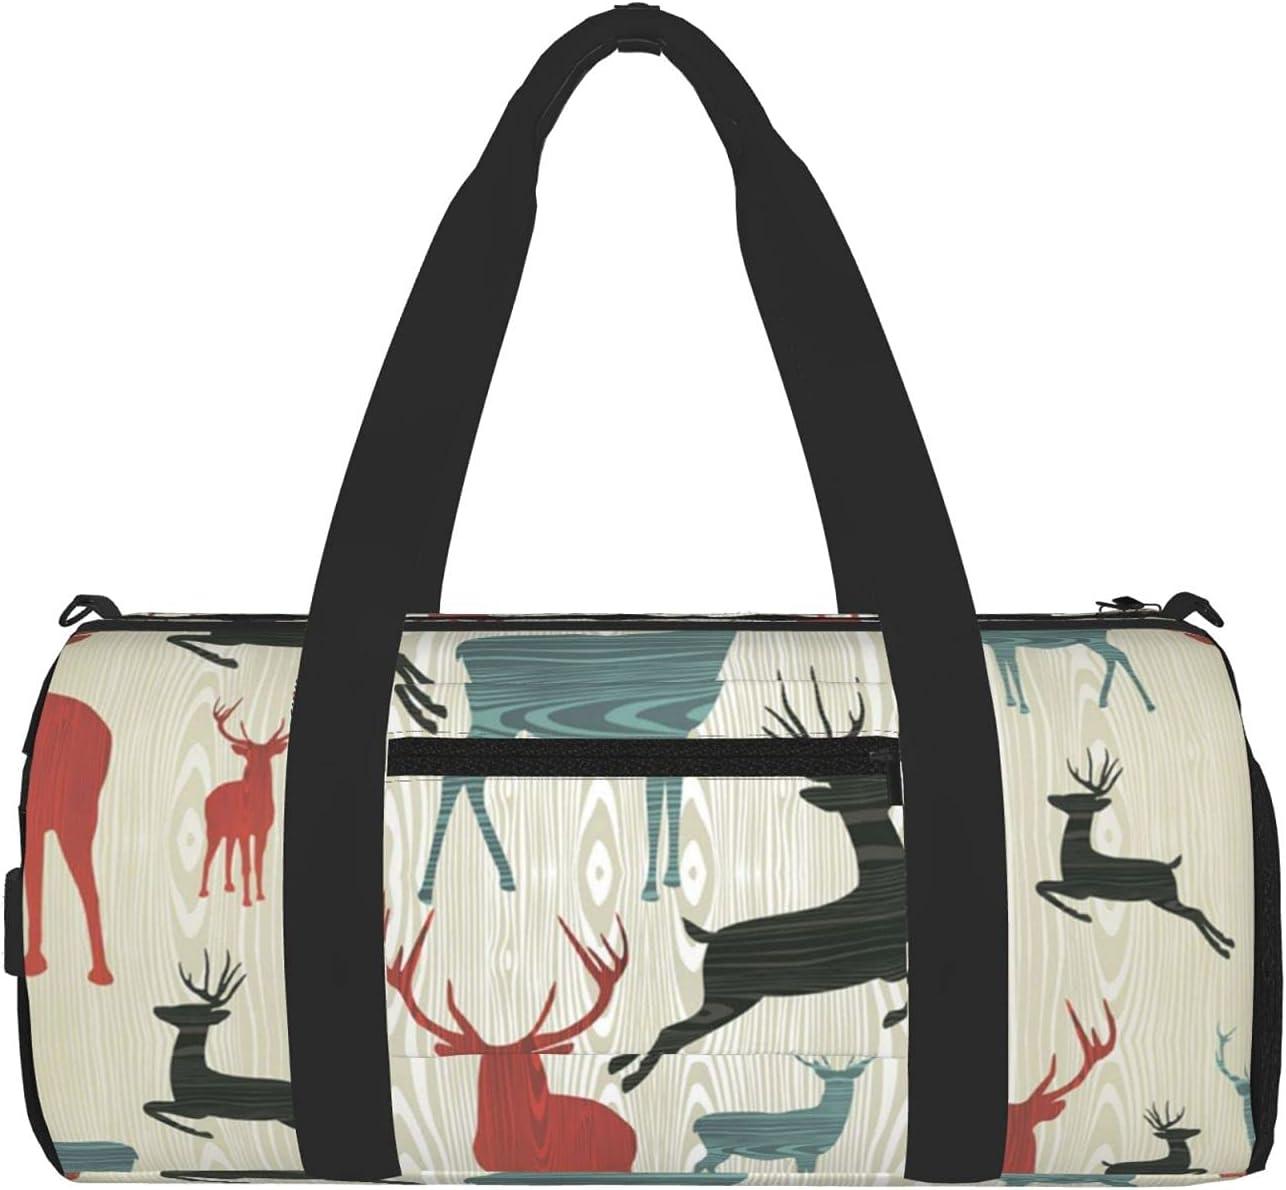 Reindeer Fashionable Horn Gym Bag Travel Unisex For Bargain sale Overni